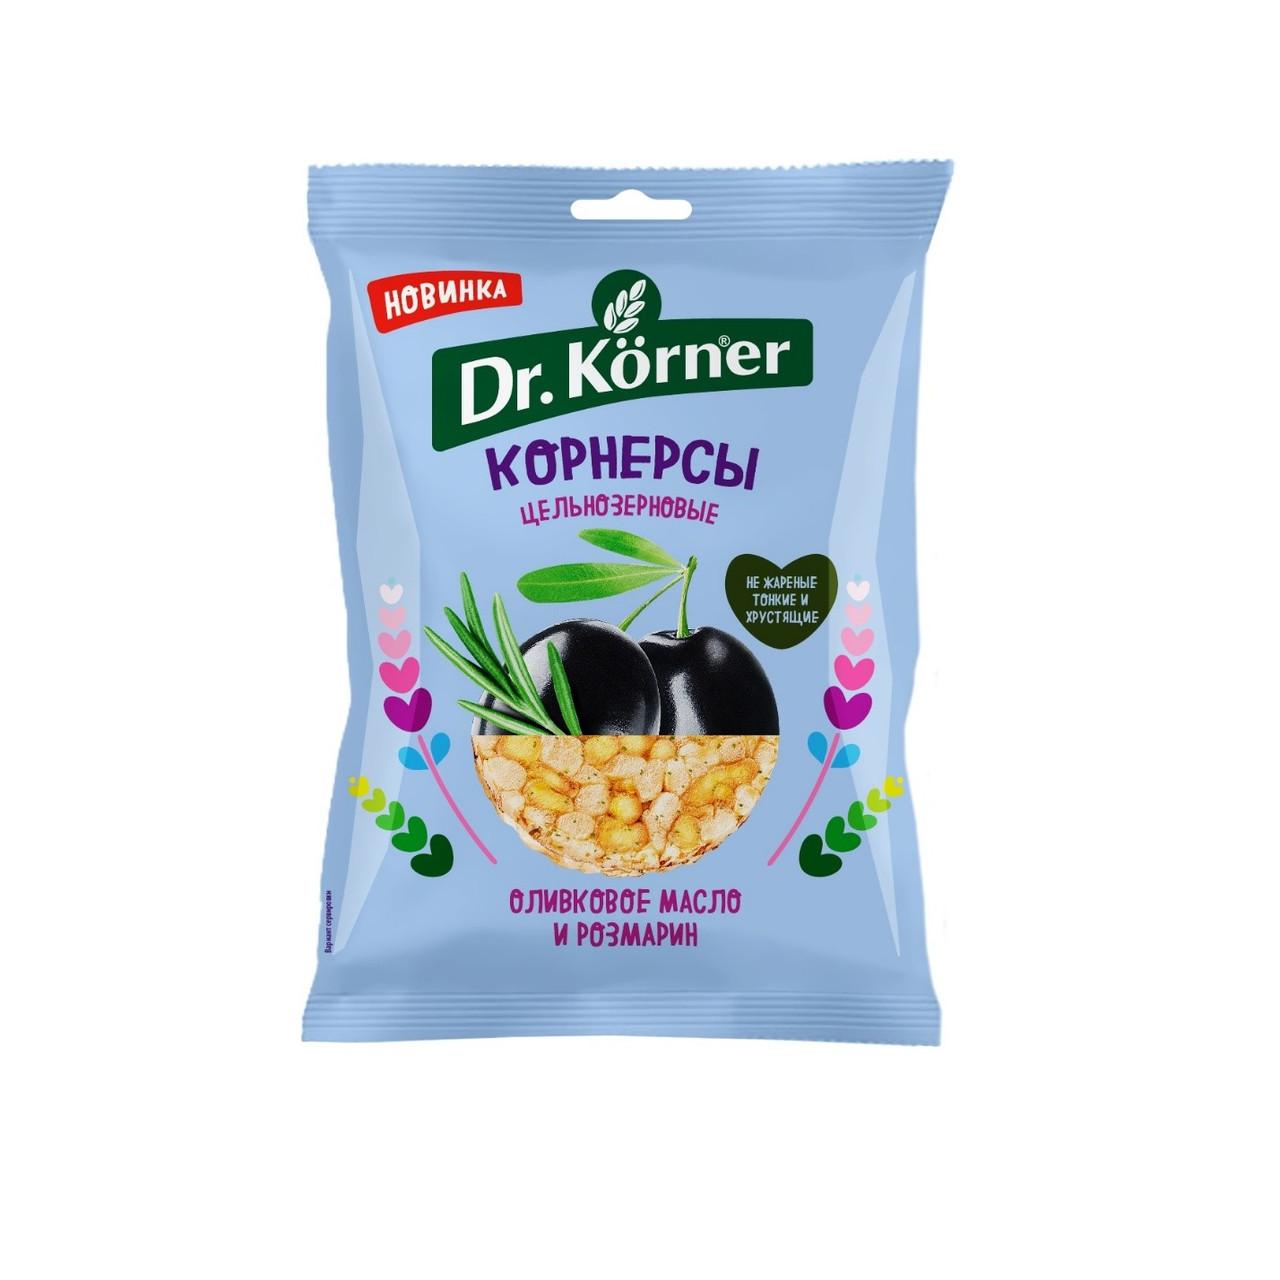 Чипсы Dr.Korner цельнозерновые кукурузно-рисовые с оливковым маслом и розмарином